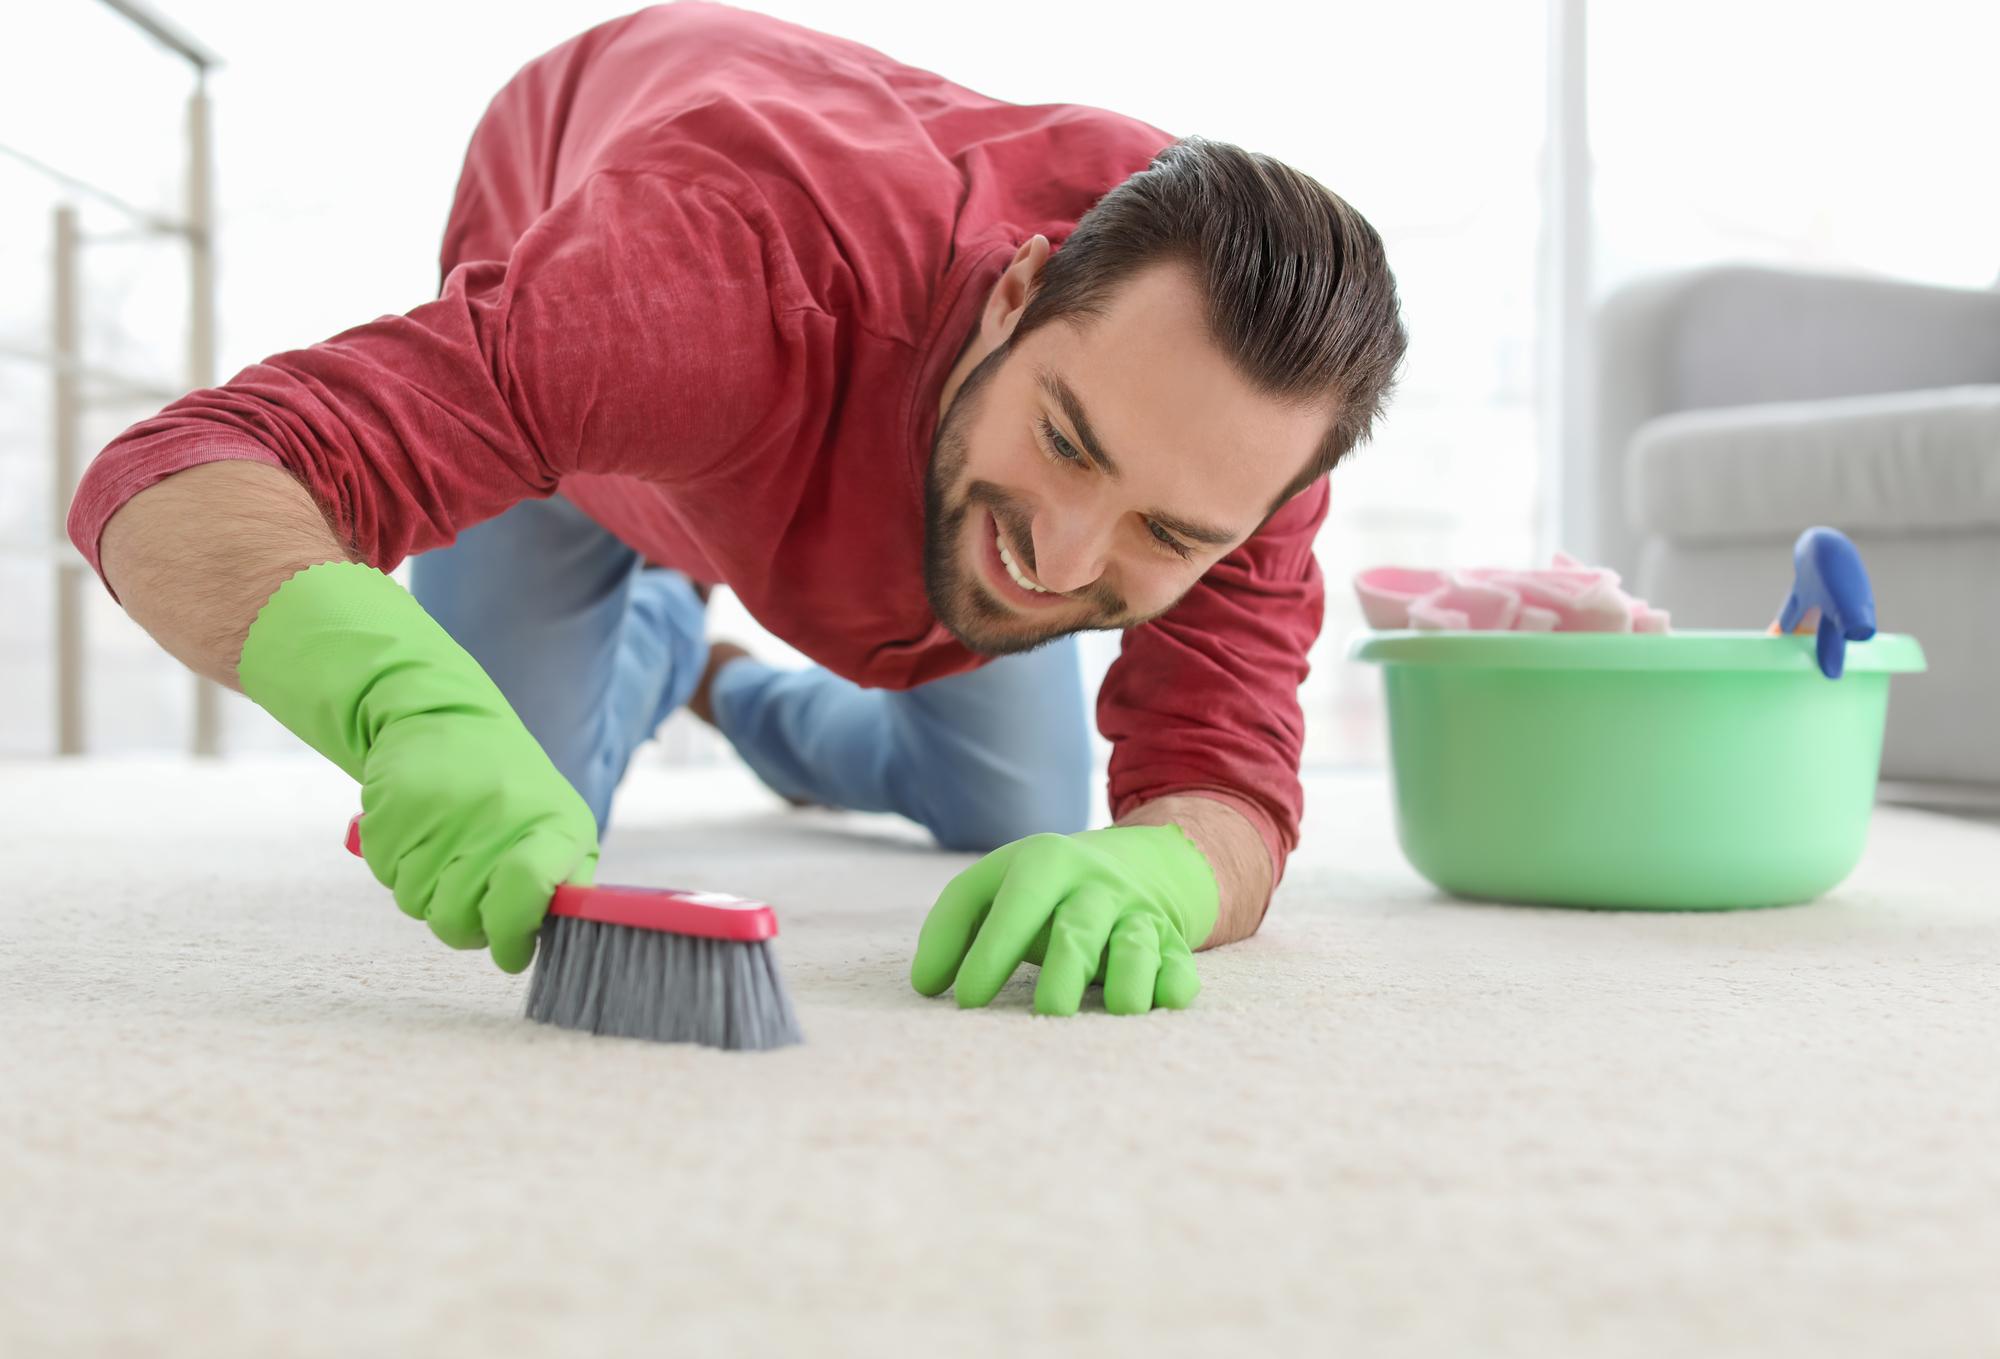 ارخص شركة تنظيف موكيت بالبخار ابو ظبي - شركات تنظيف زوالى ابو ظبى